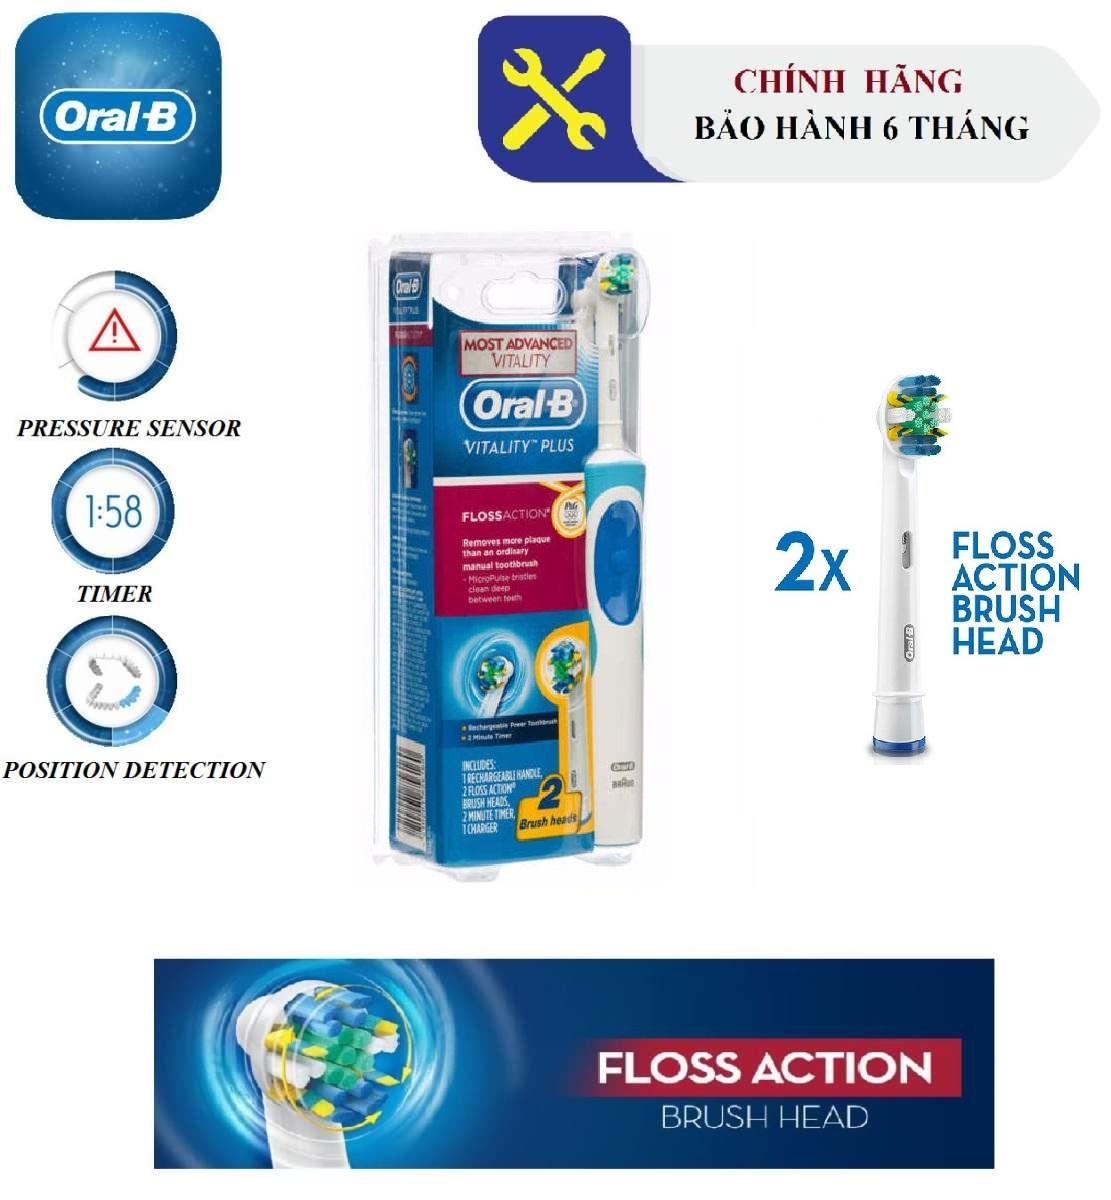 Bàn chải đánh răng điện Oral-B Vitality Plus FlossAction - Trọn bộ (1 Đế sạc, Thân bàn chải, 2 Đầu thay thế FlossAction) - Bảo hành 6 tháng